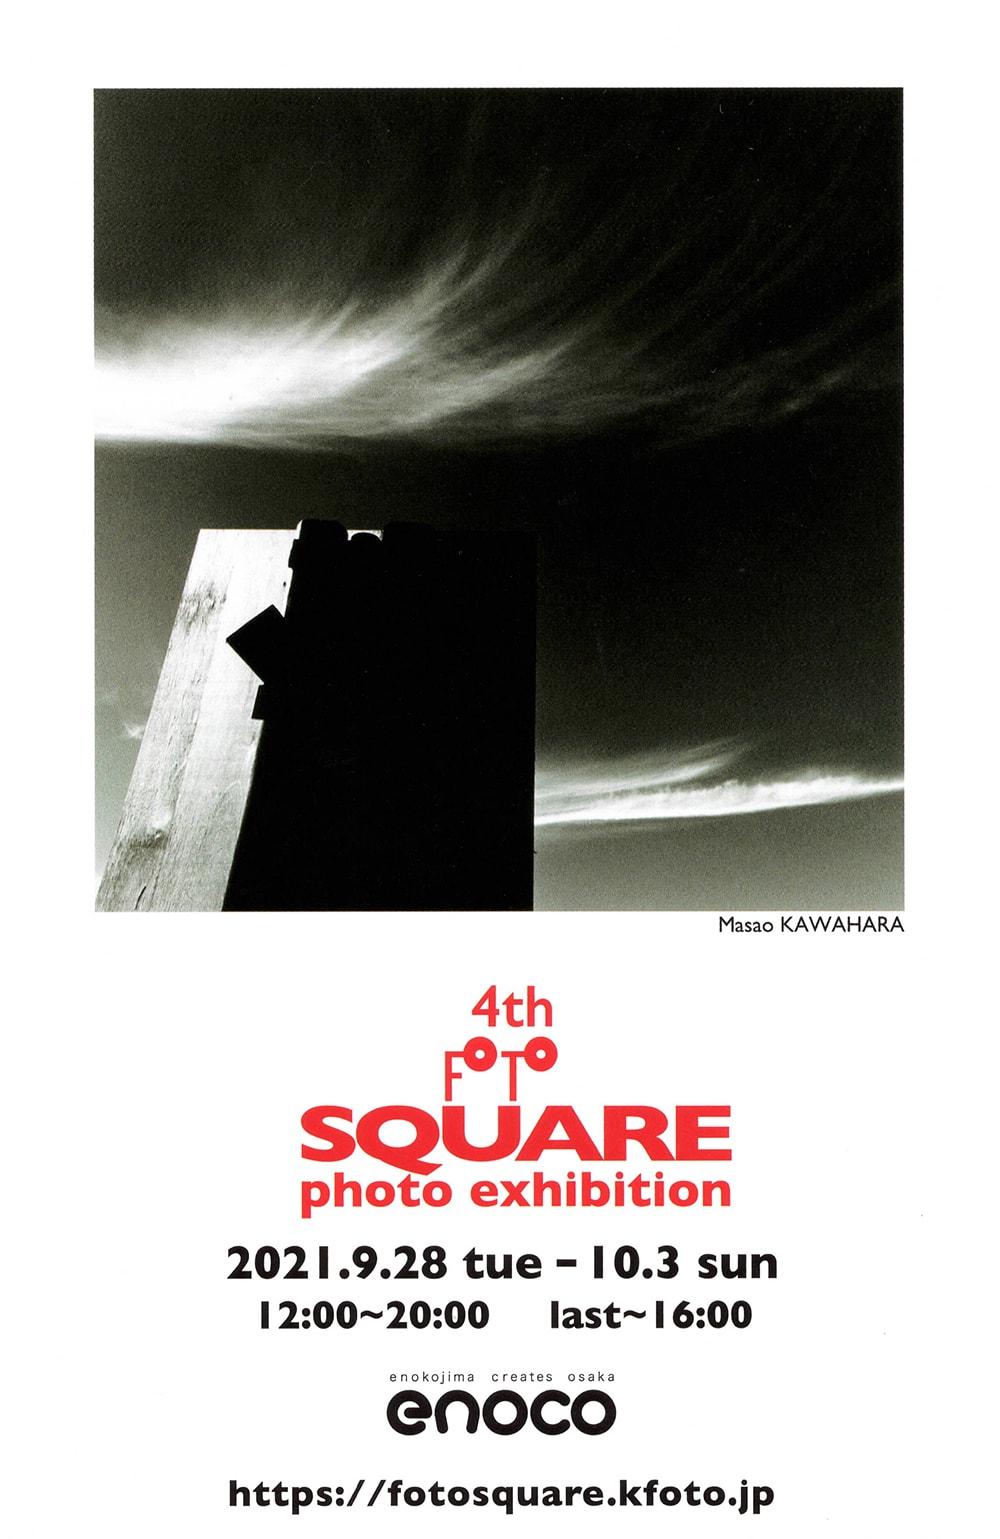 FOTO SQUARE   photo exhibition 2021